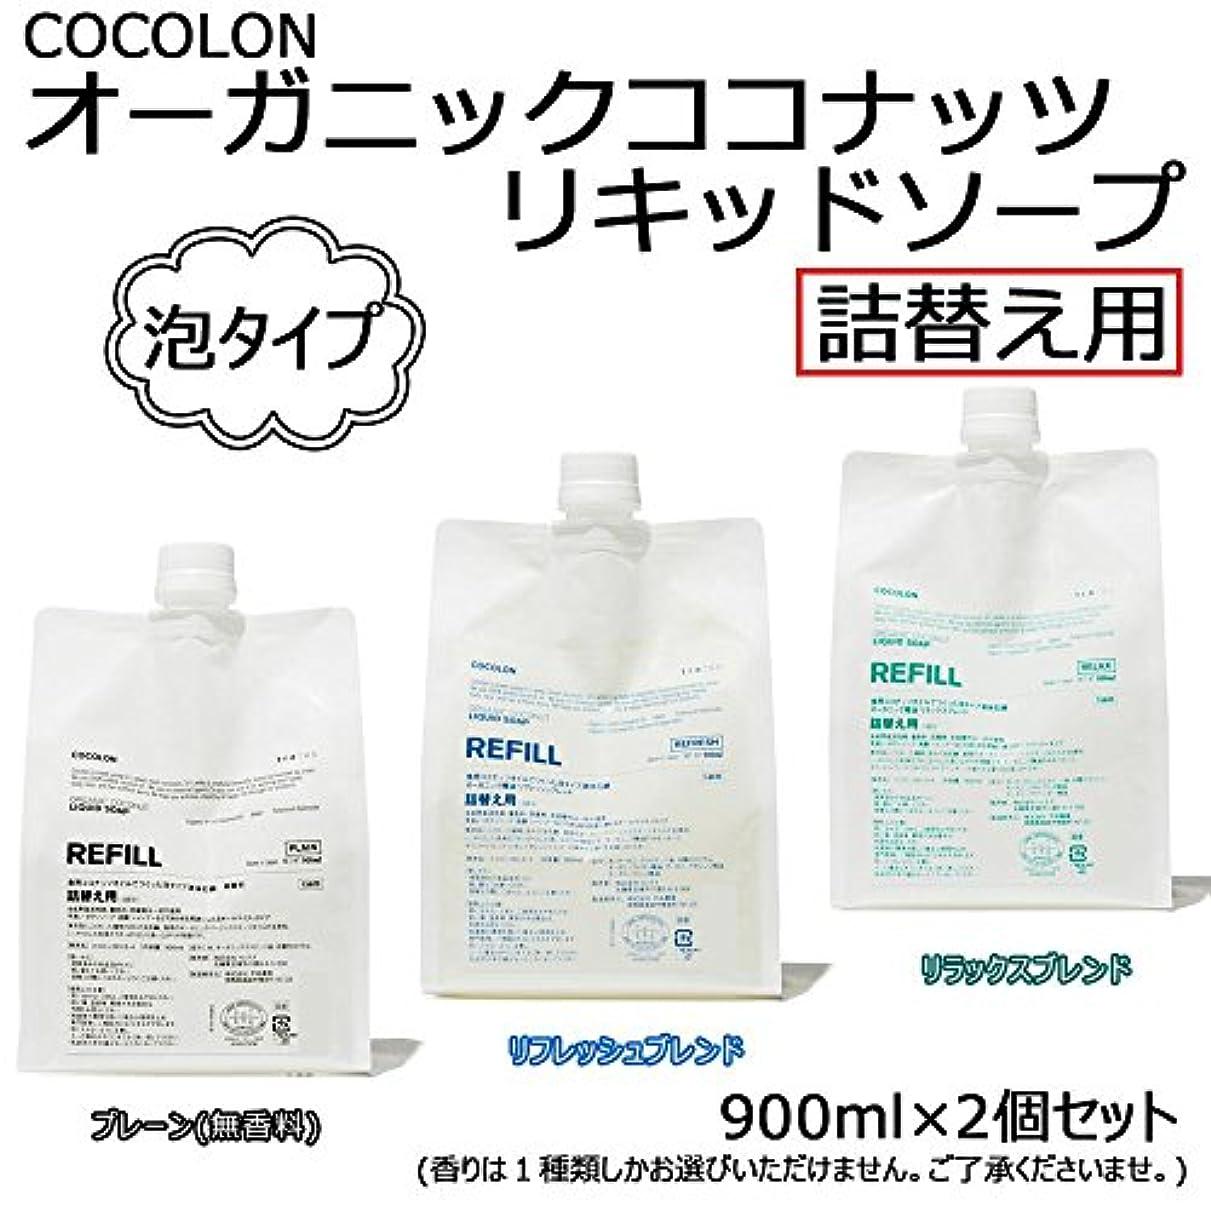 ベギンスクラッチ過度にCOCOLON ココロン オーガニックココナッツリキッドソープ 泡タイプ 詰替え用 900ml 2個セット プレーン(無香料)